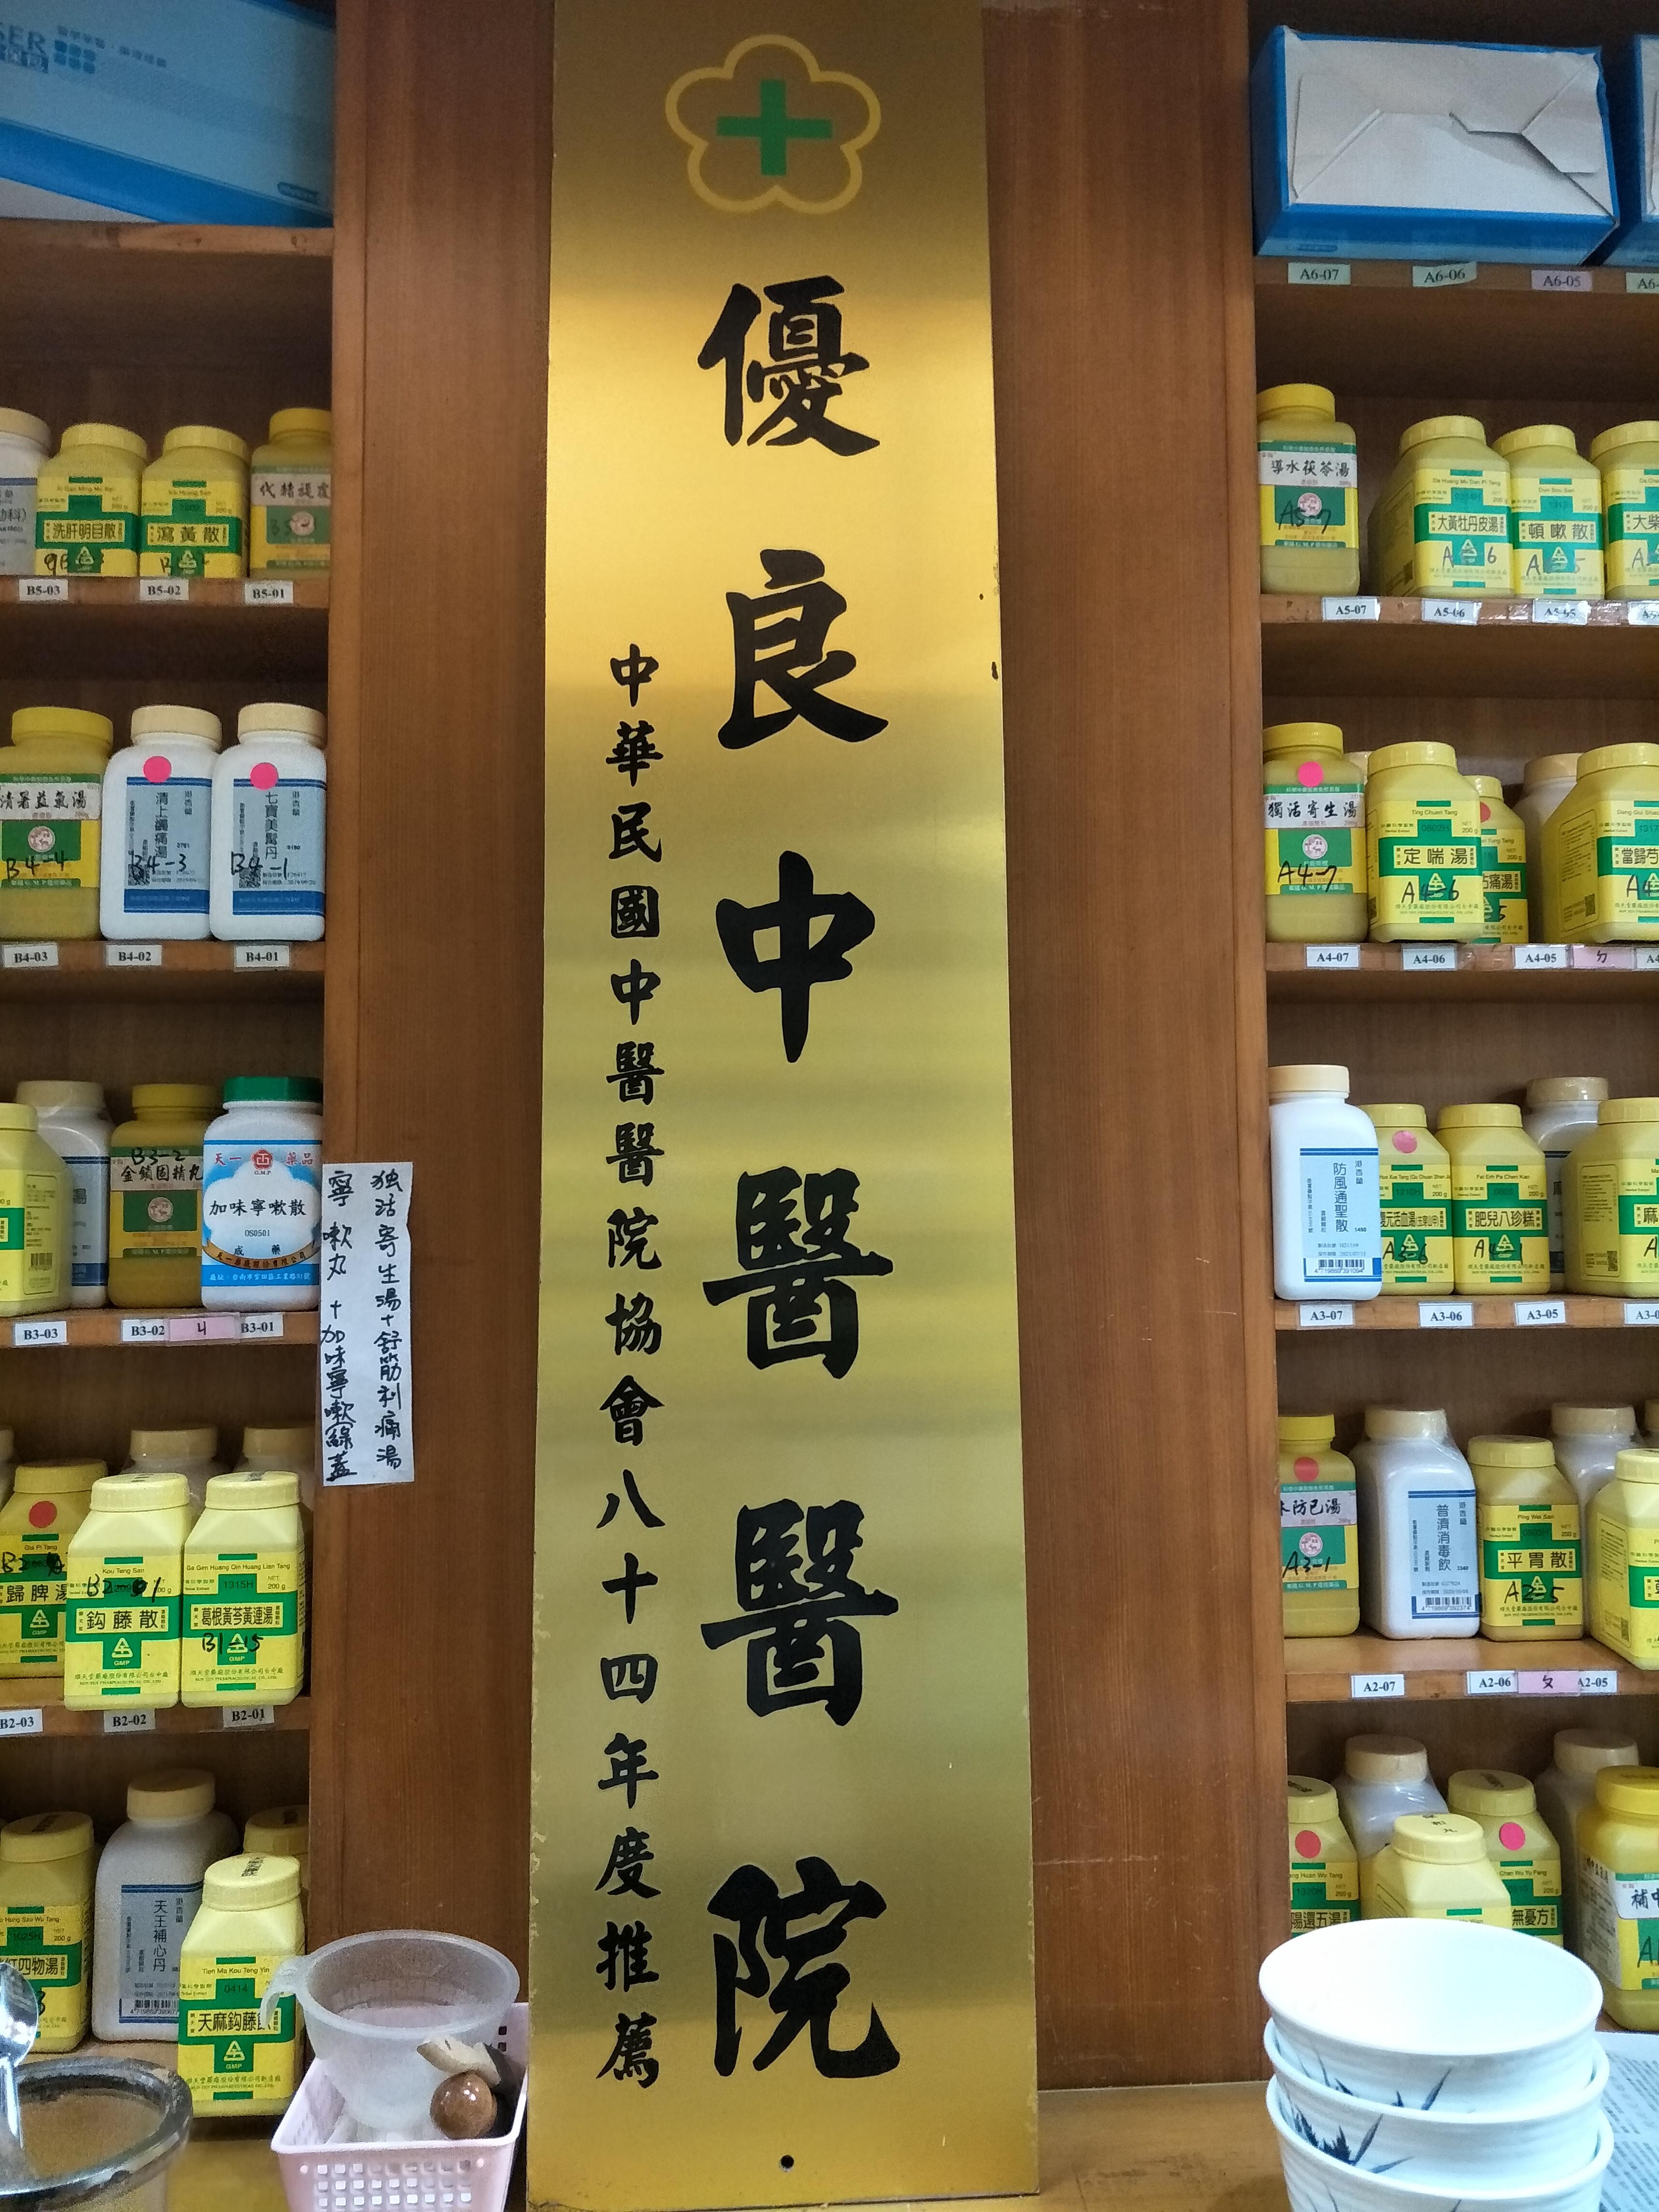 恆安堂中醫診所匾額-1.jpg